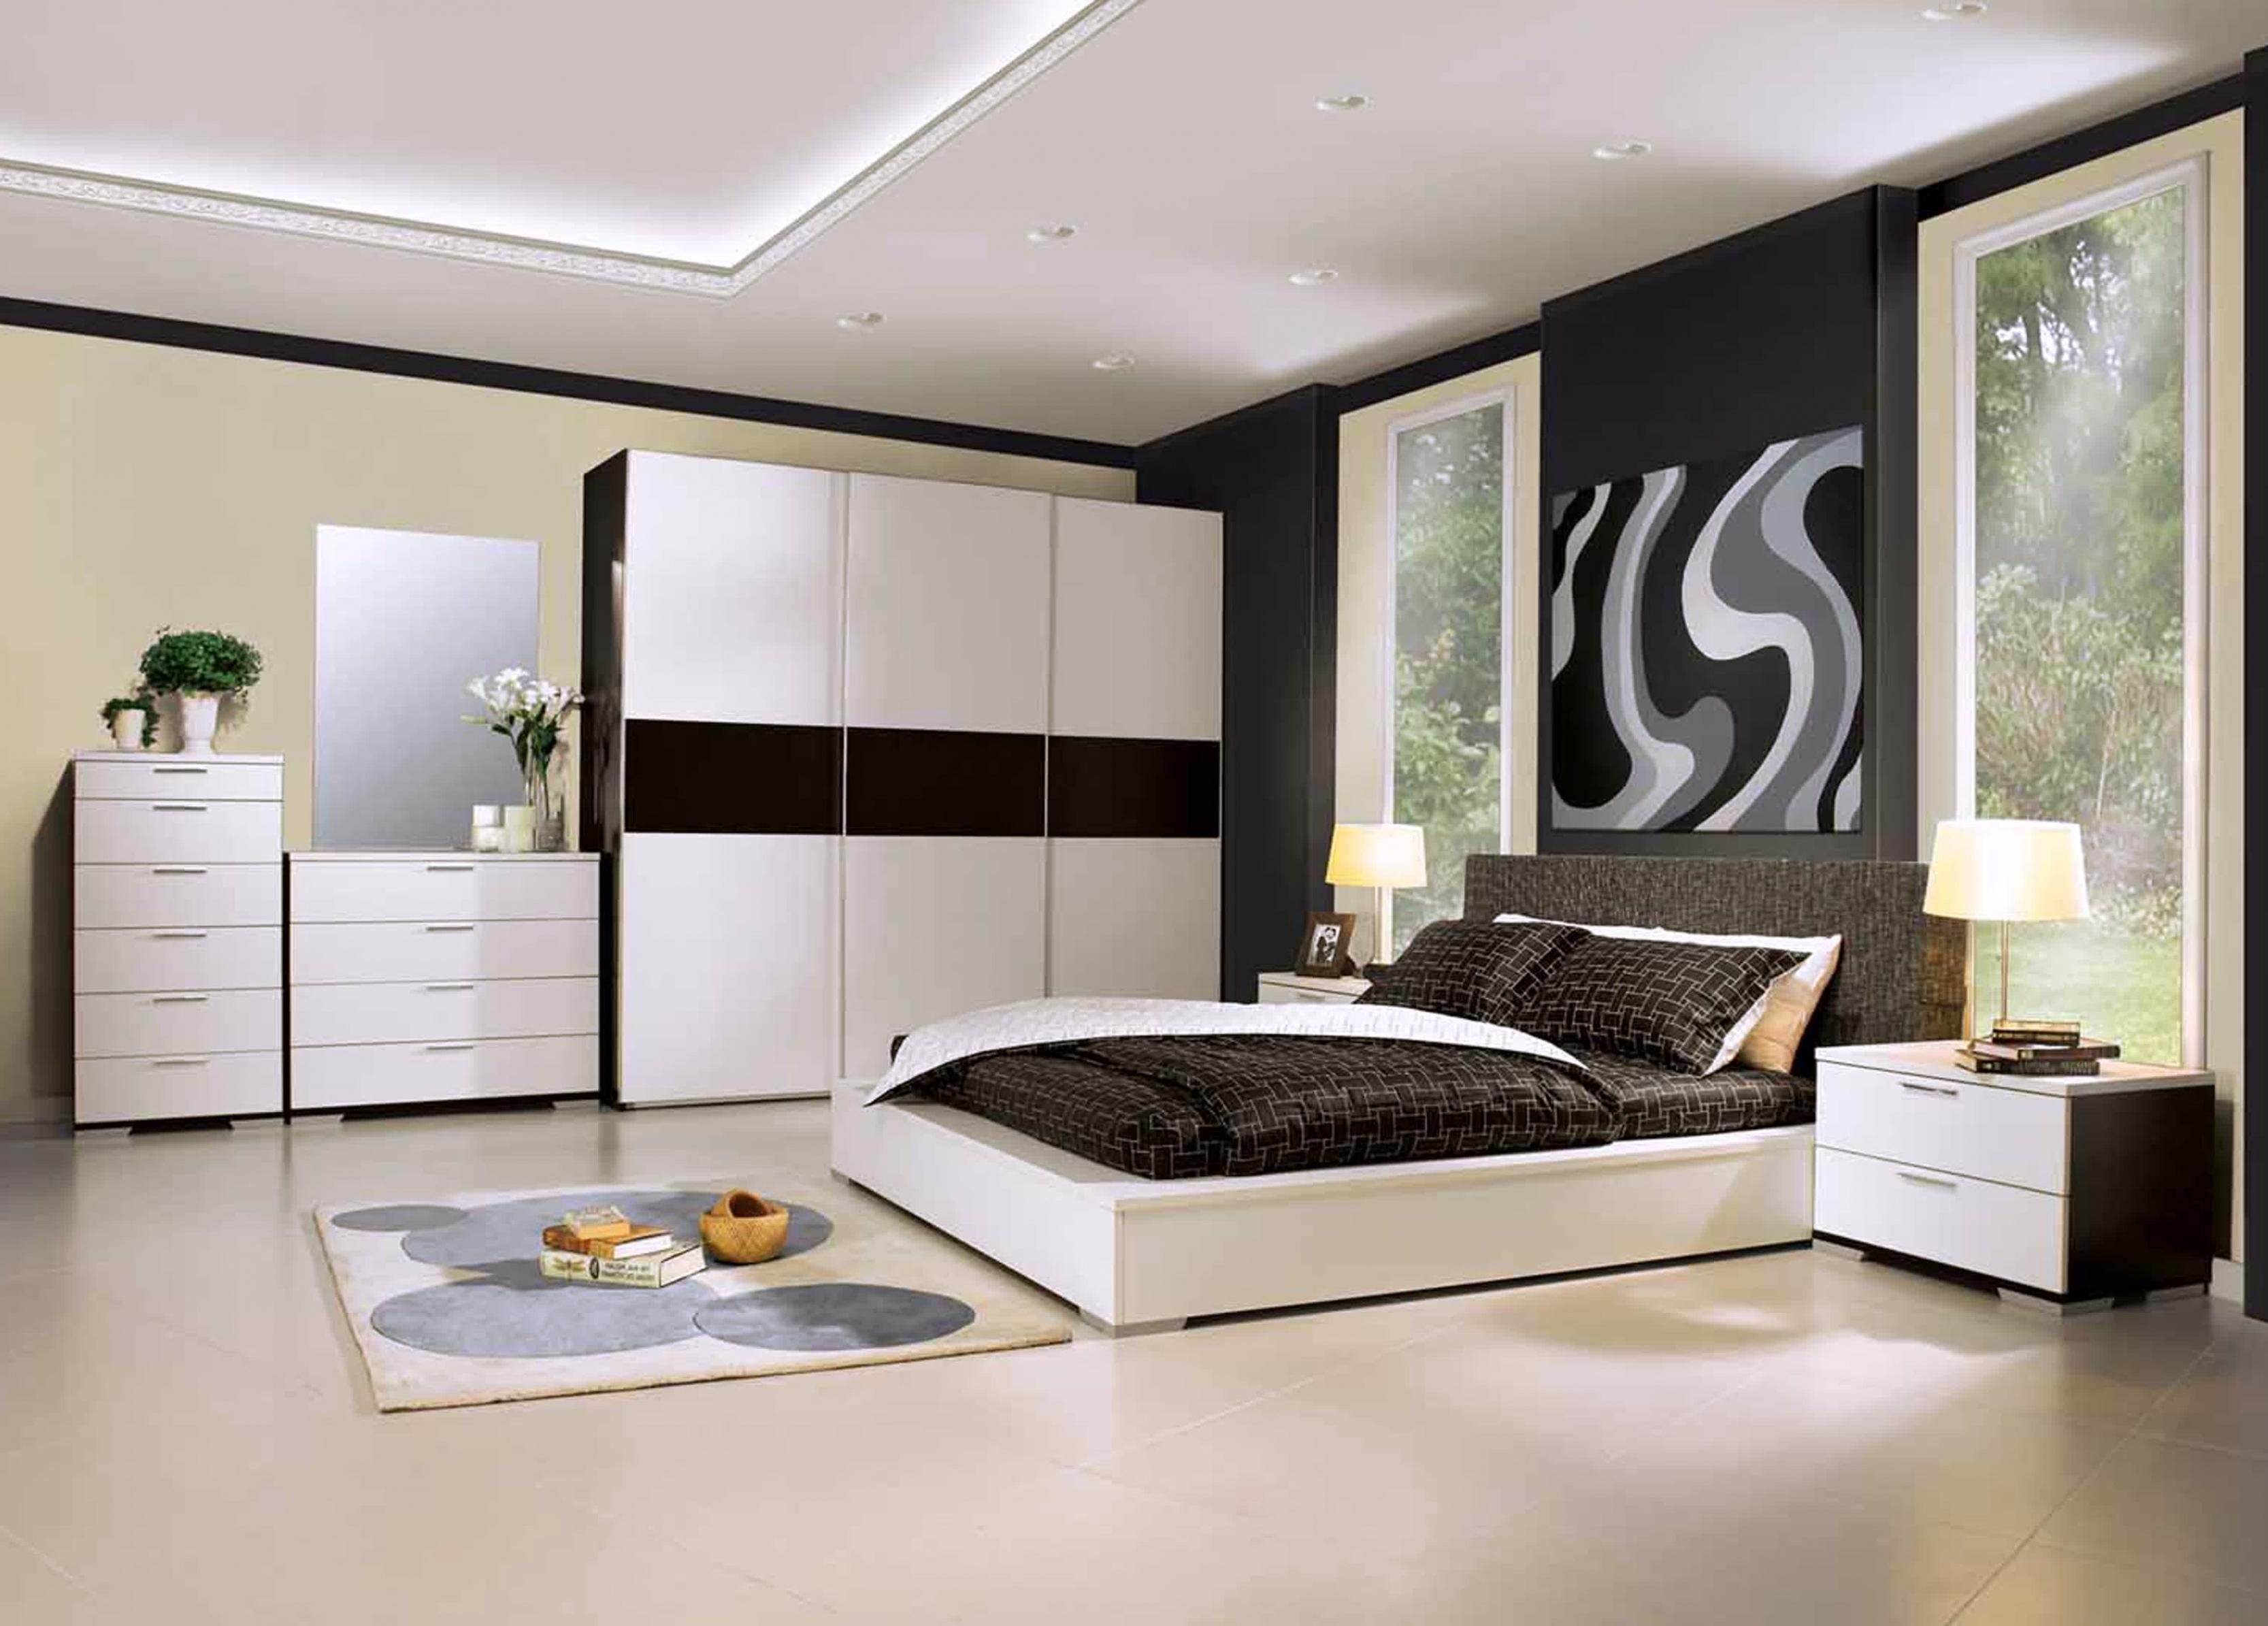 2019 for Jugendzimmer modern design